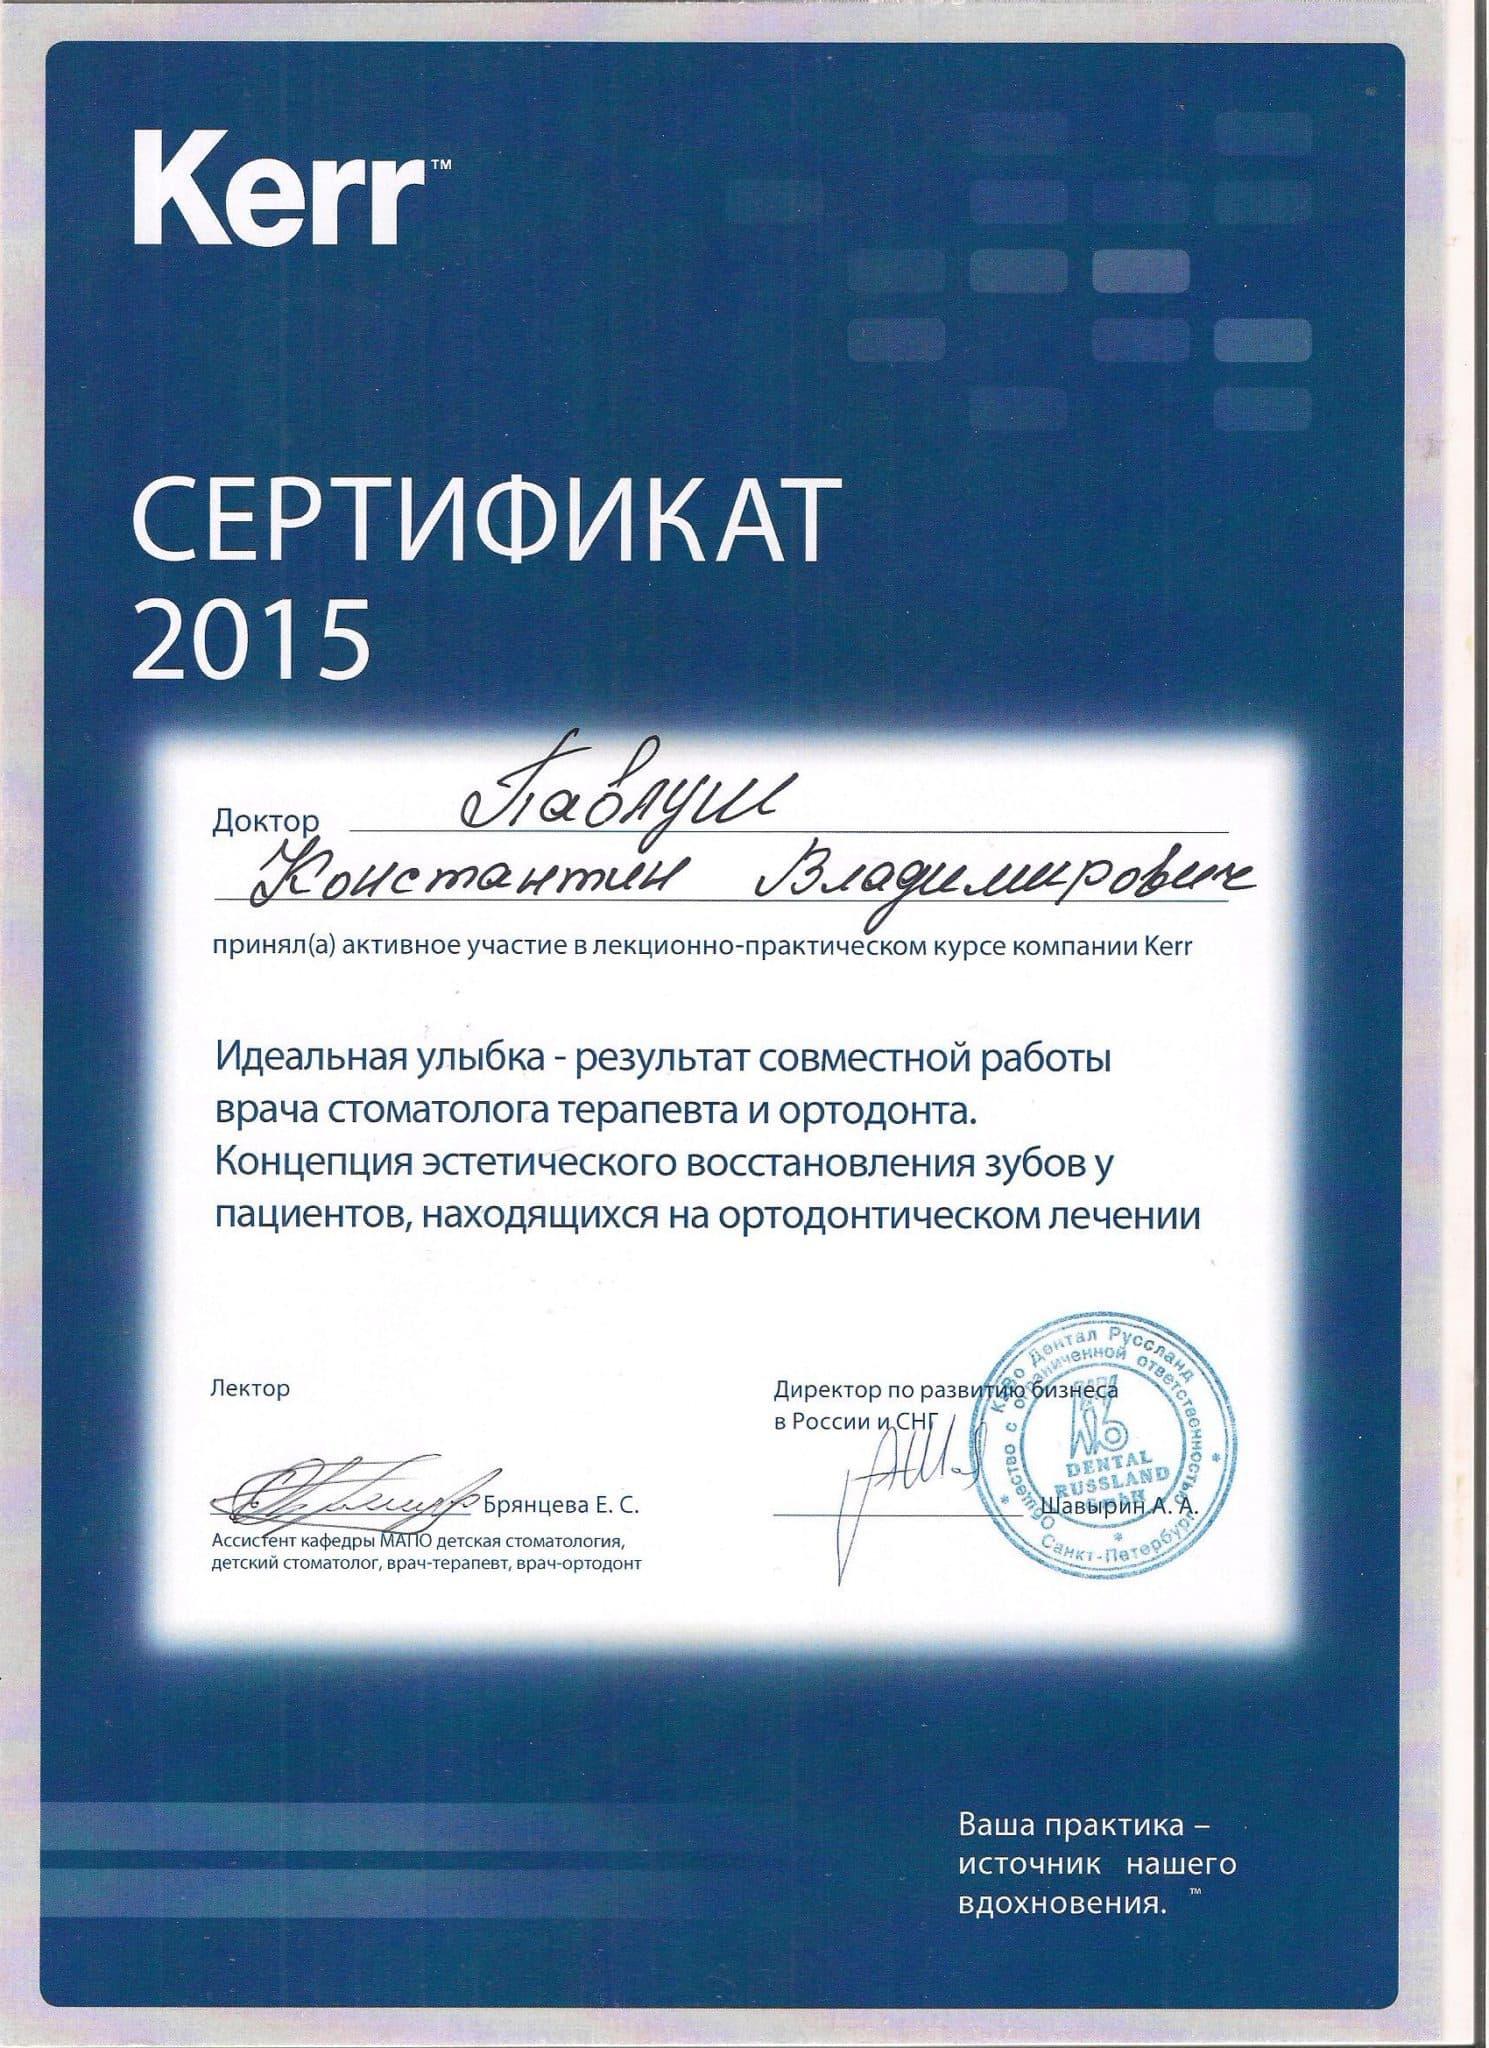 """Сертификат о прохождении курсов в компании """"Kerr"""""""